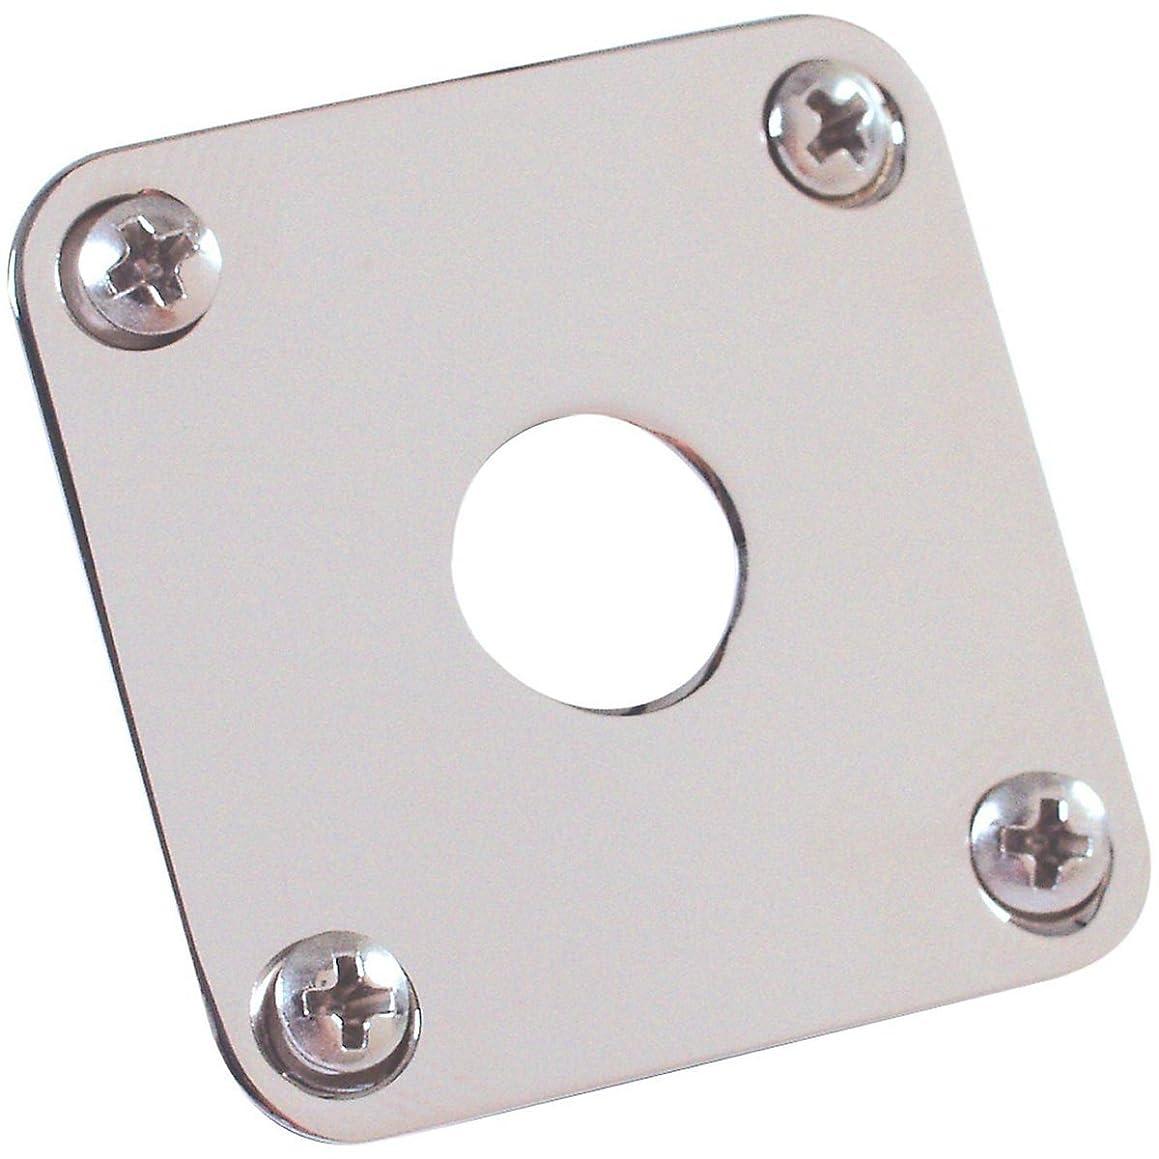 Gibson Metal Jack Plates, Nickel